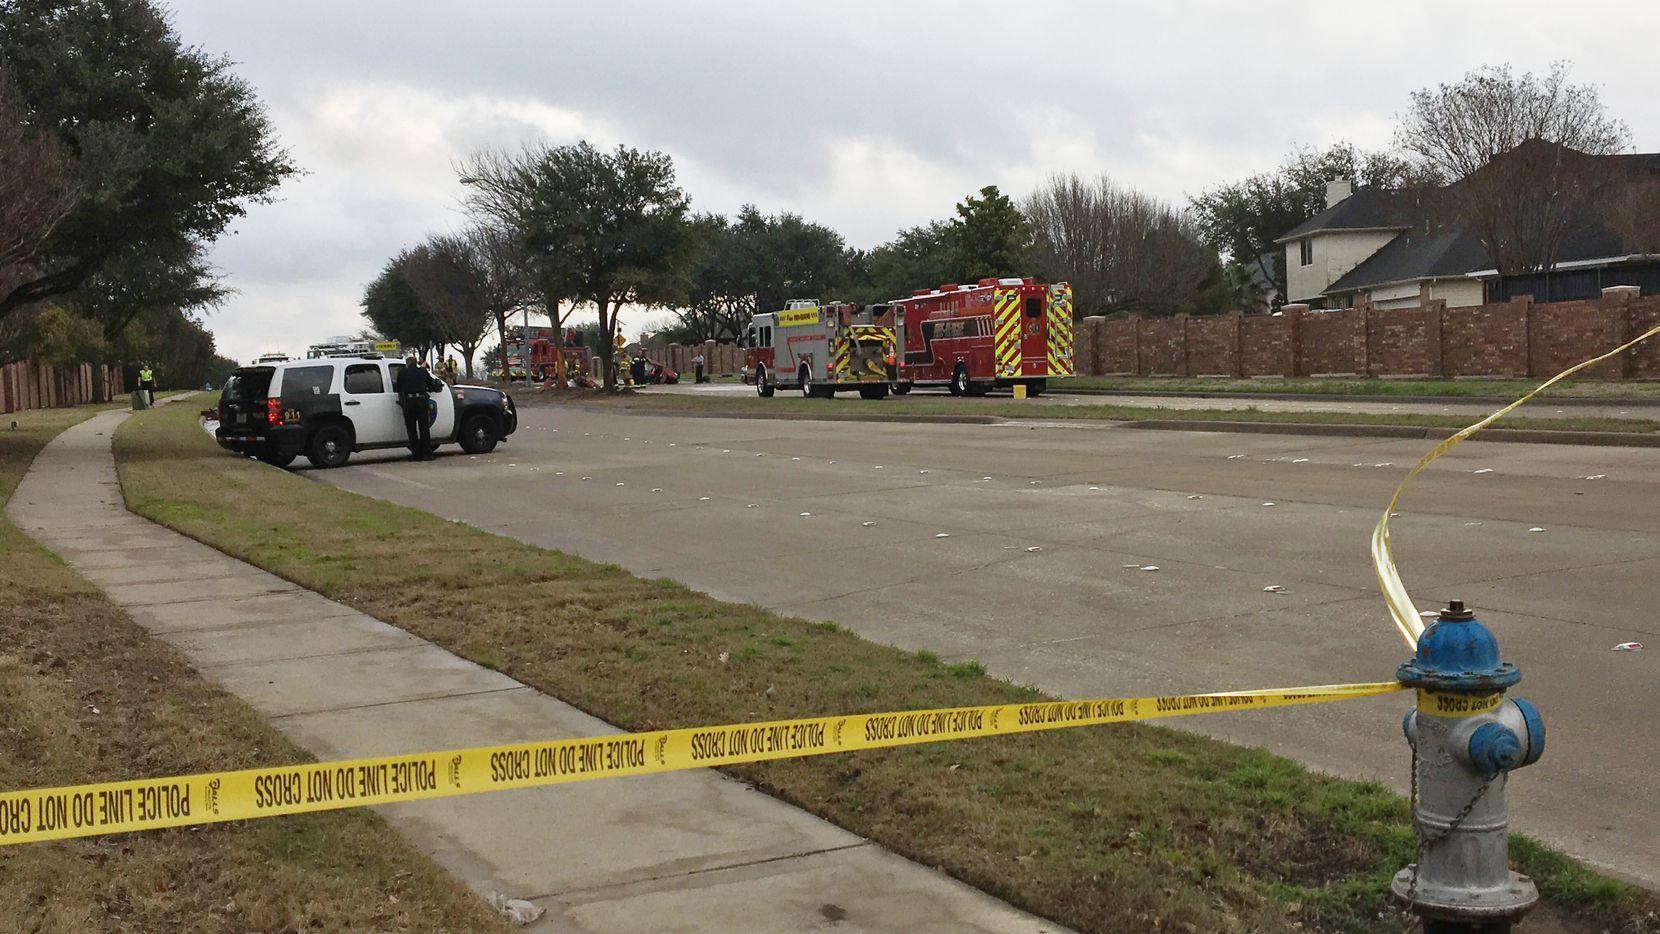 La policía investiga un accidente que ocurrió el lunes en la madrugada en el que murieron tres adolescentes.